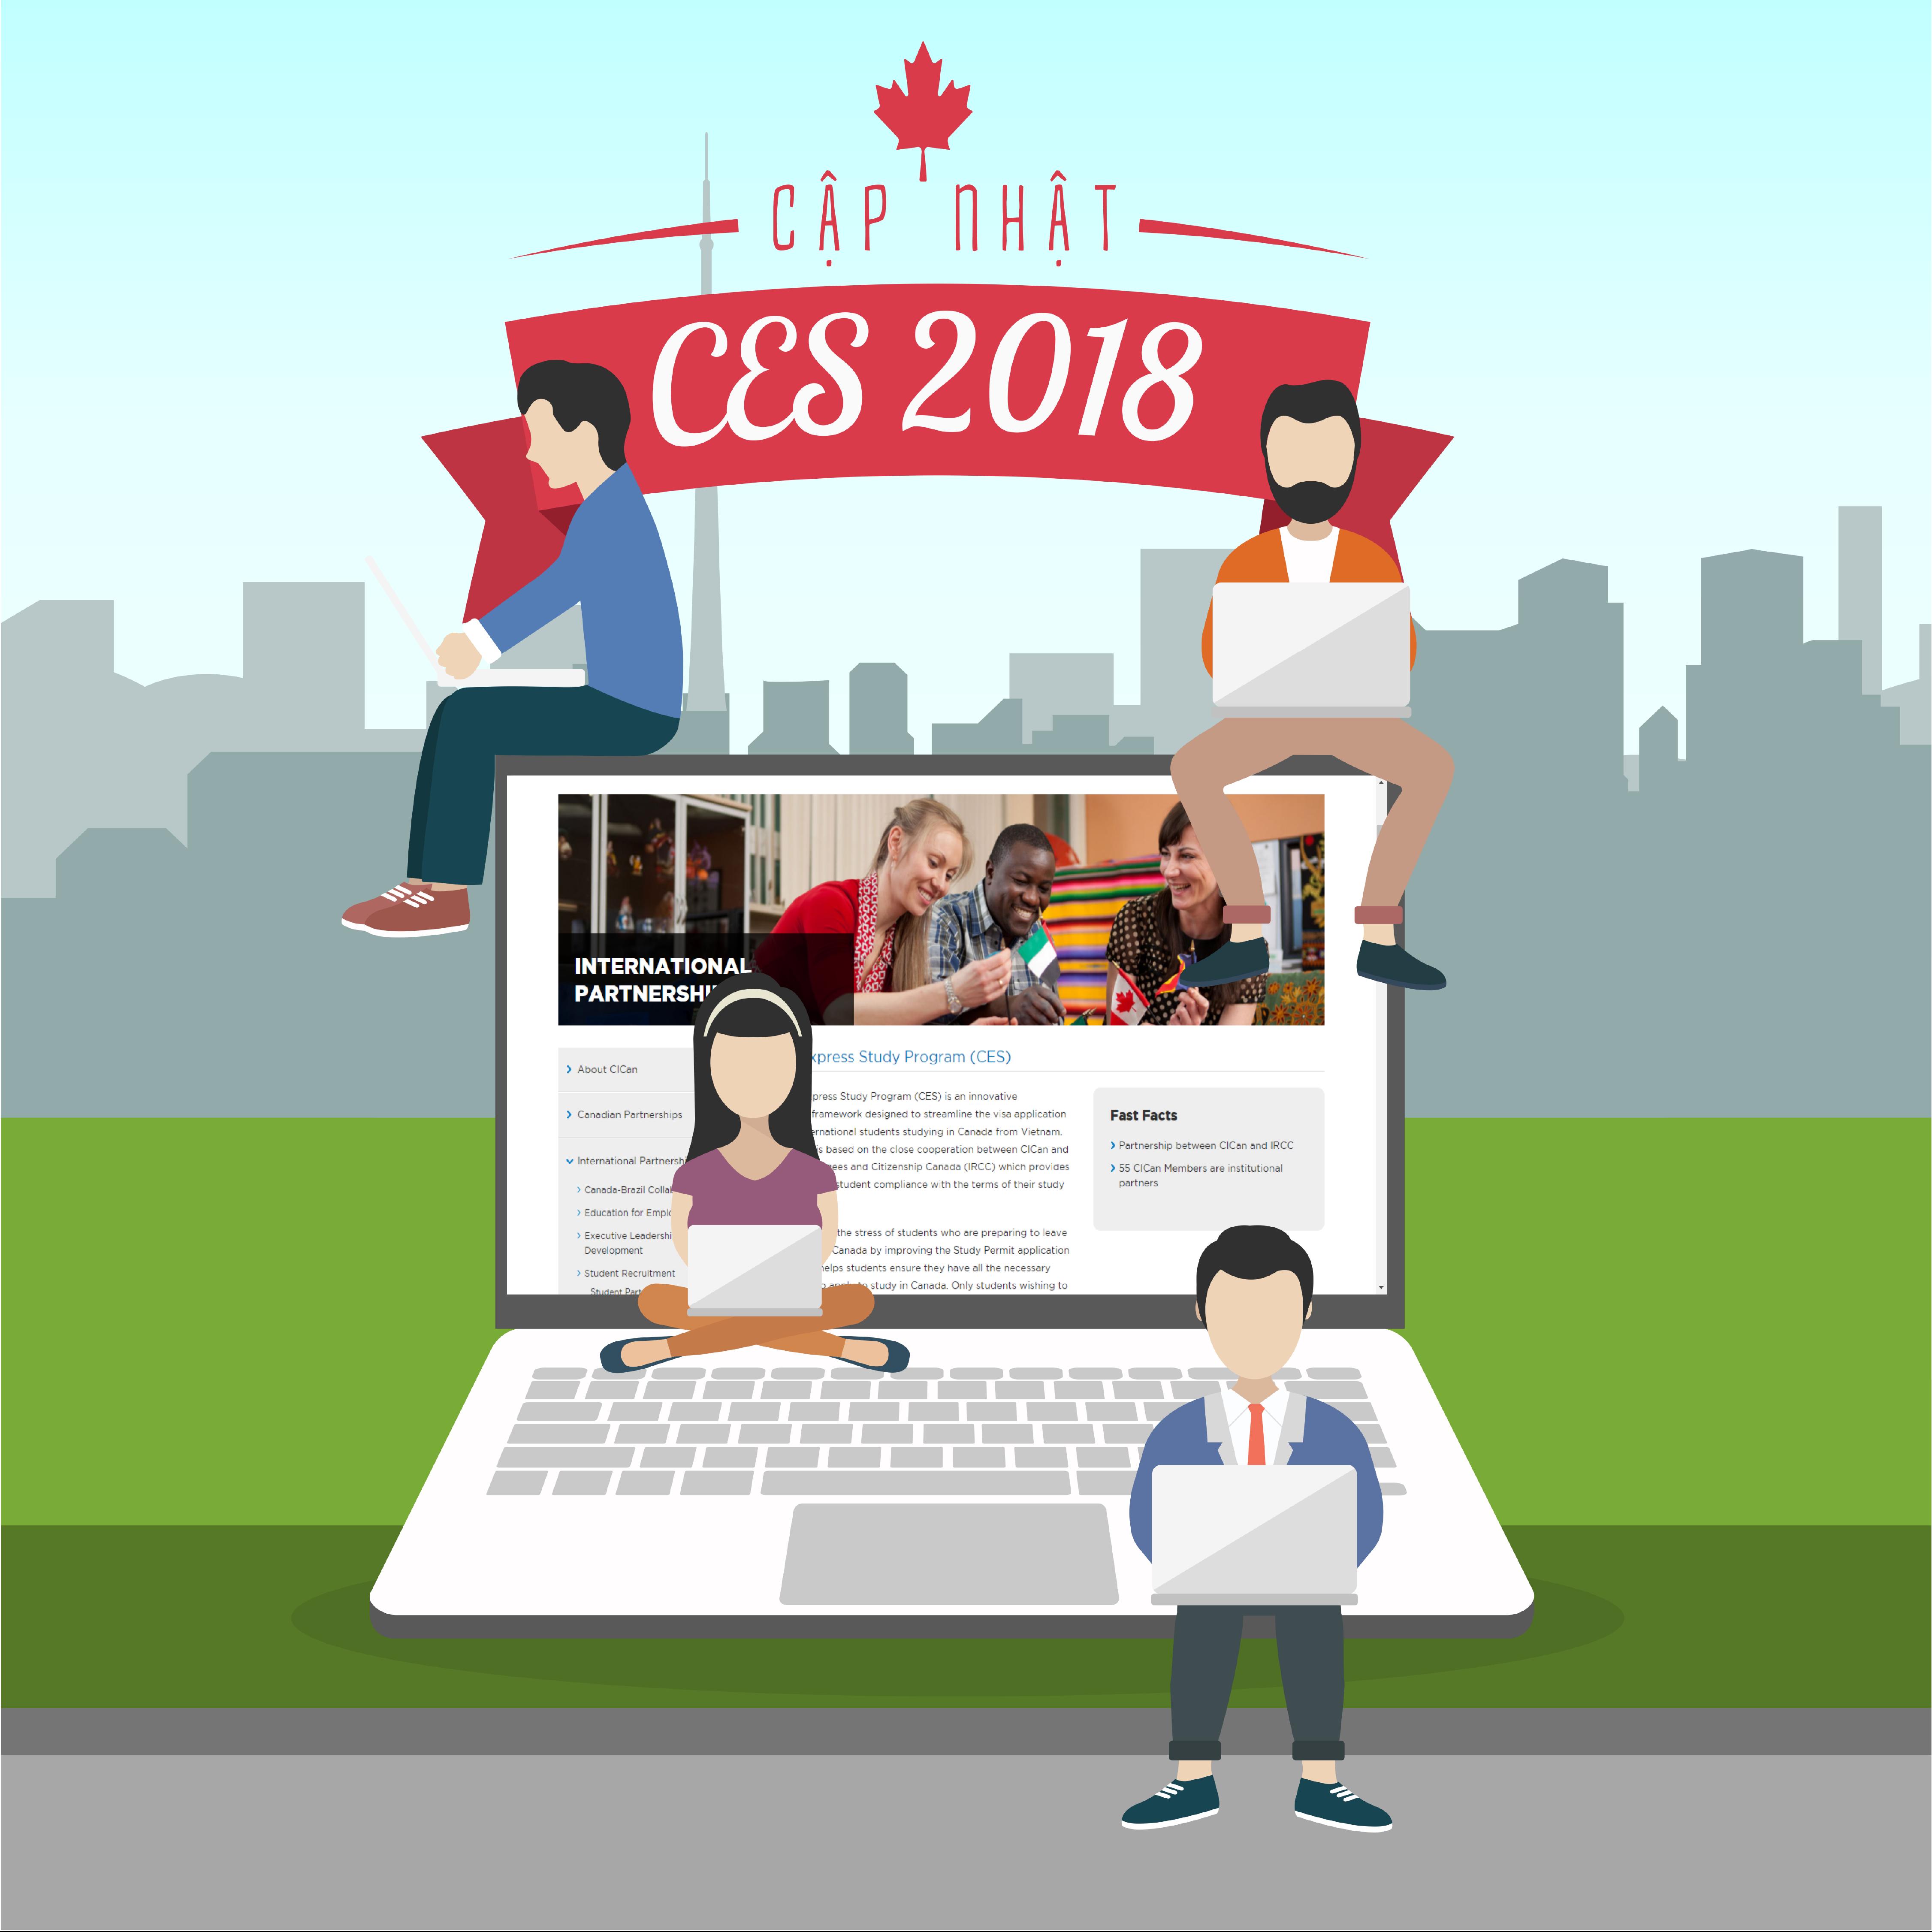 Cập nhật chương trình CES 2018